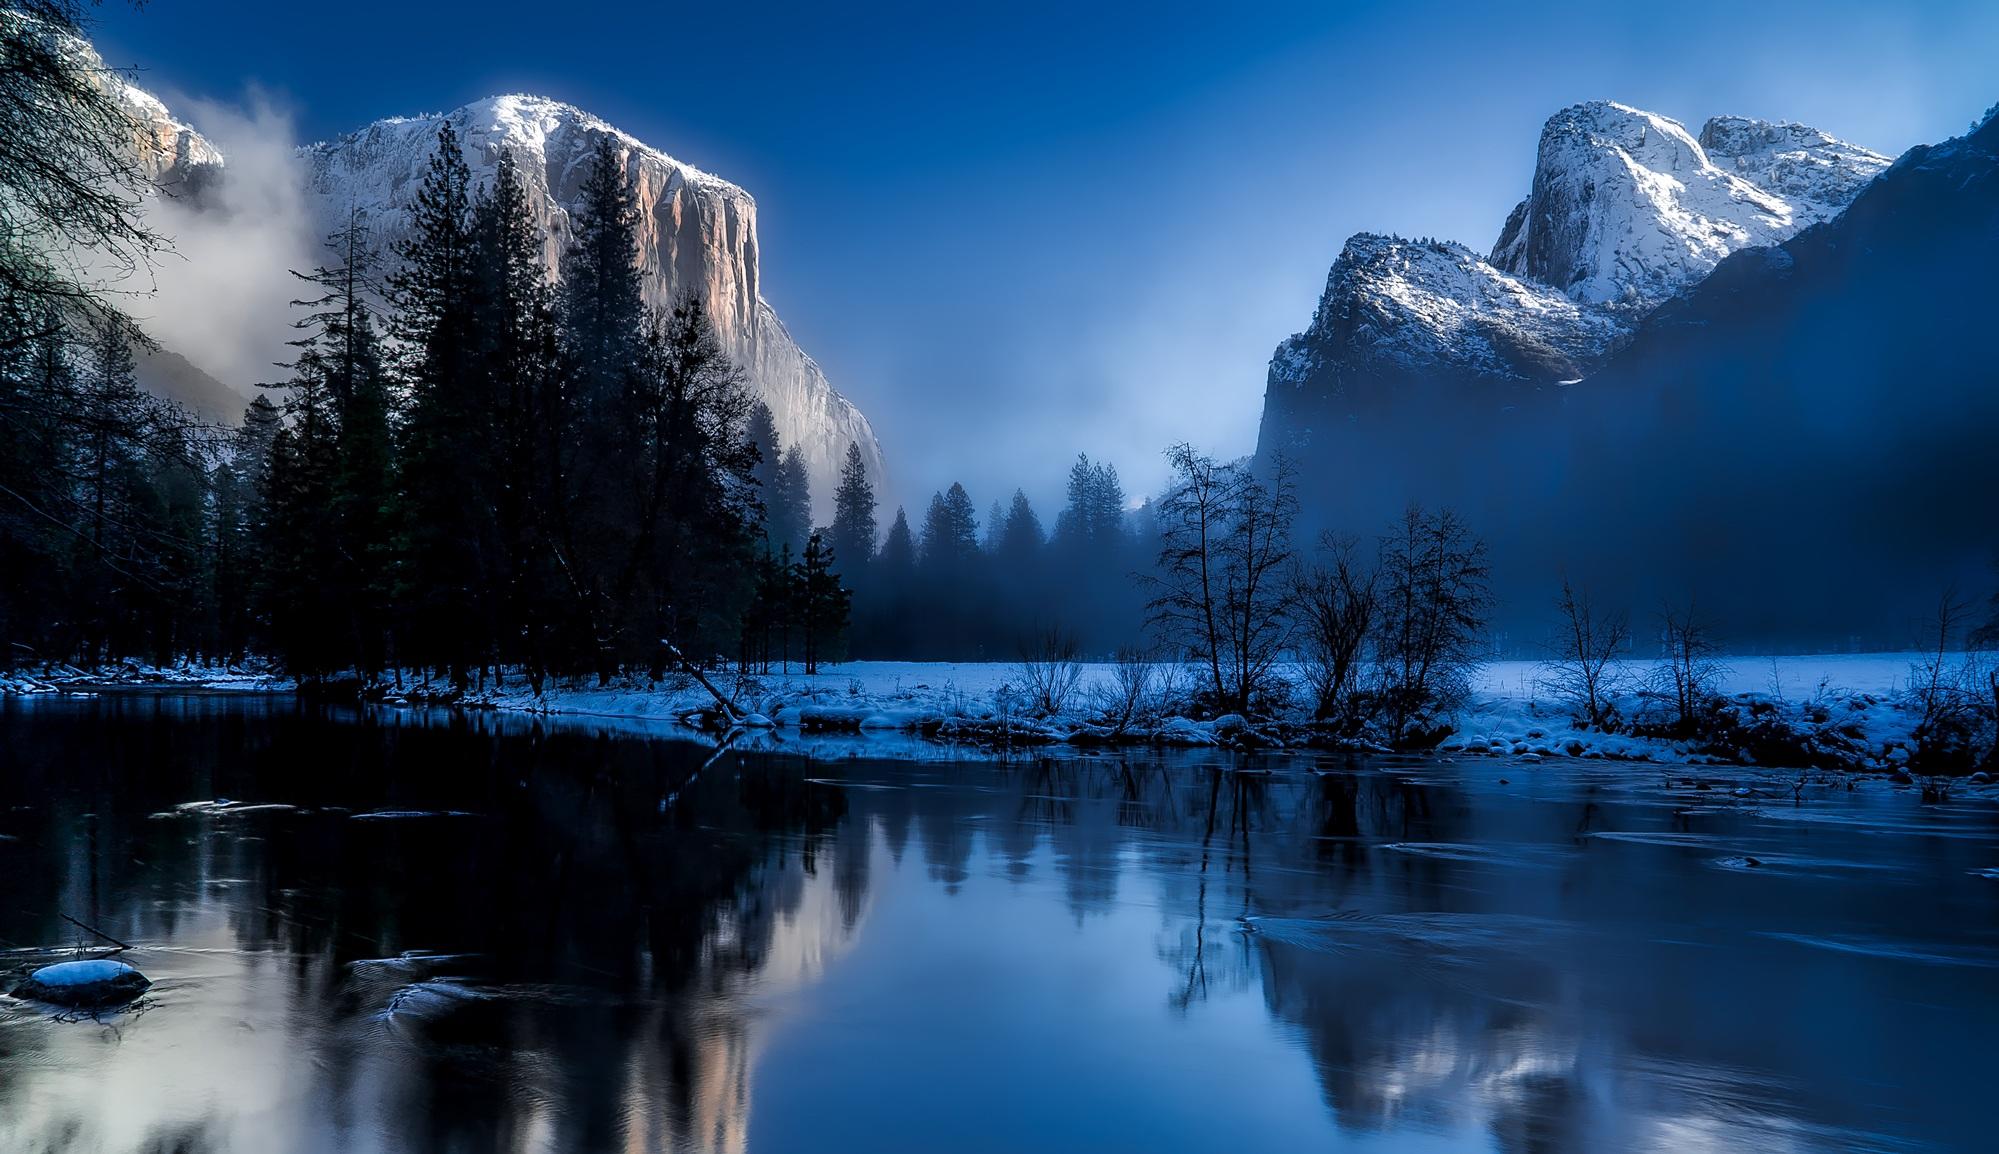 Hình Phong Cảnh Mùa Đông Pexels-photo-164022